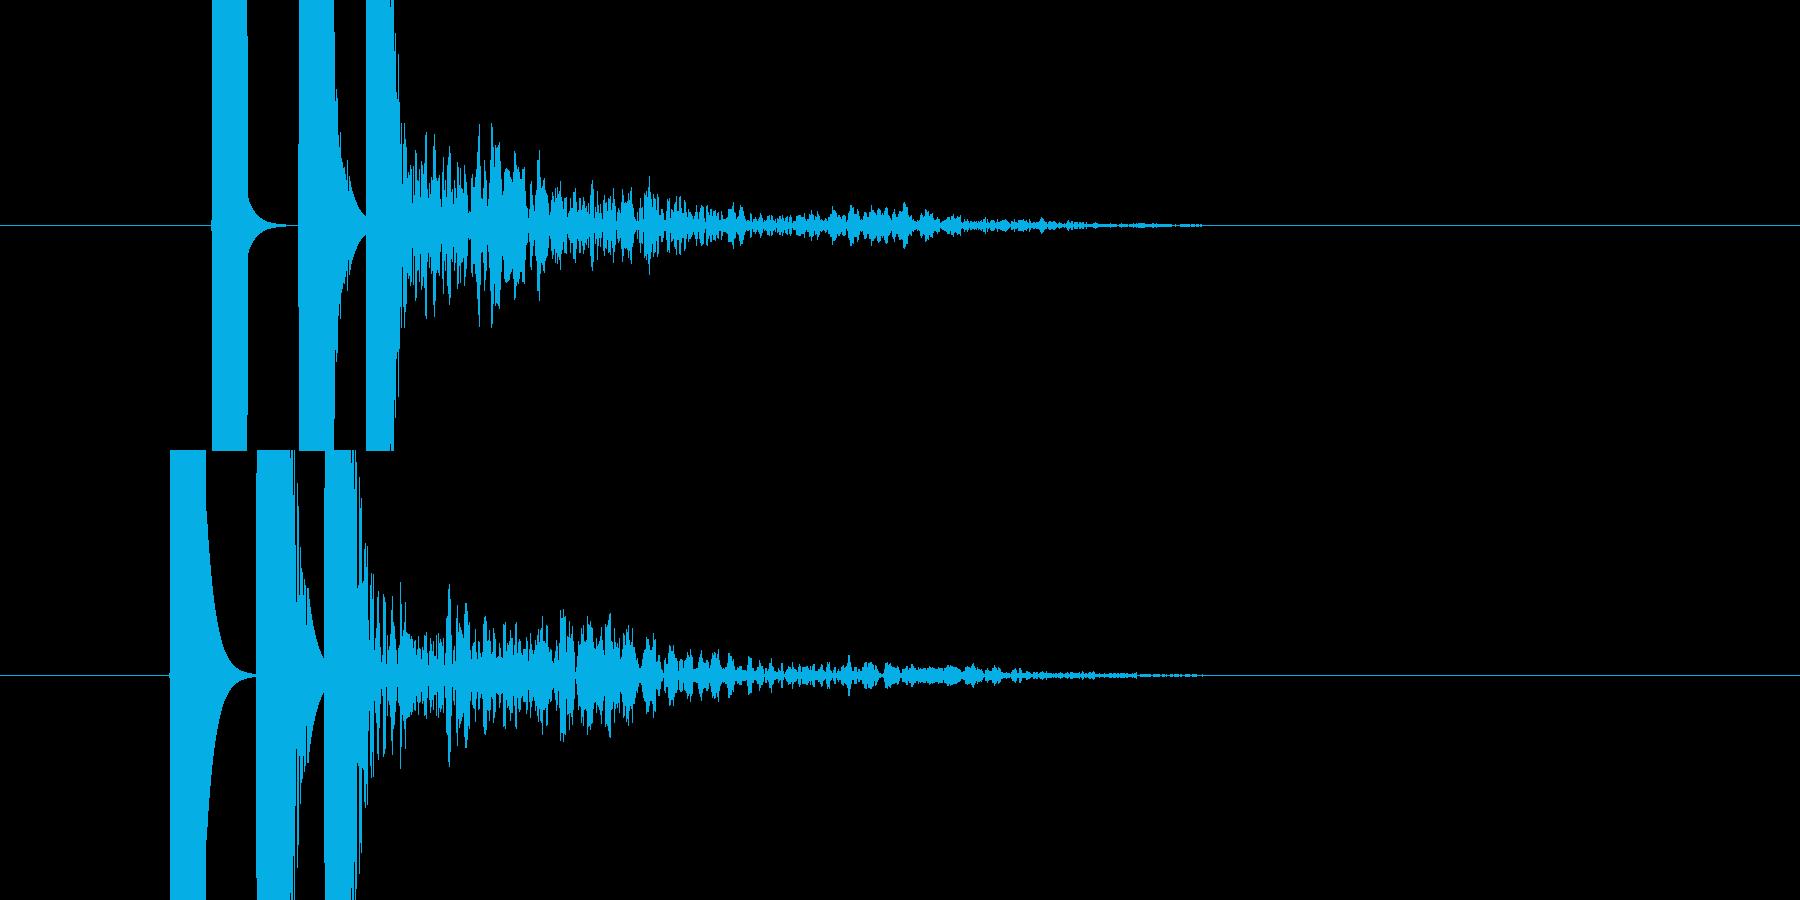 発射音的な効果音です。の再生済みの波形